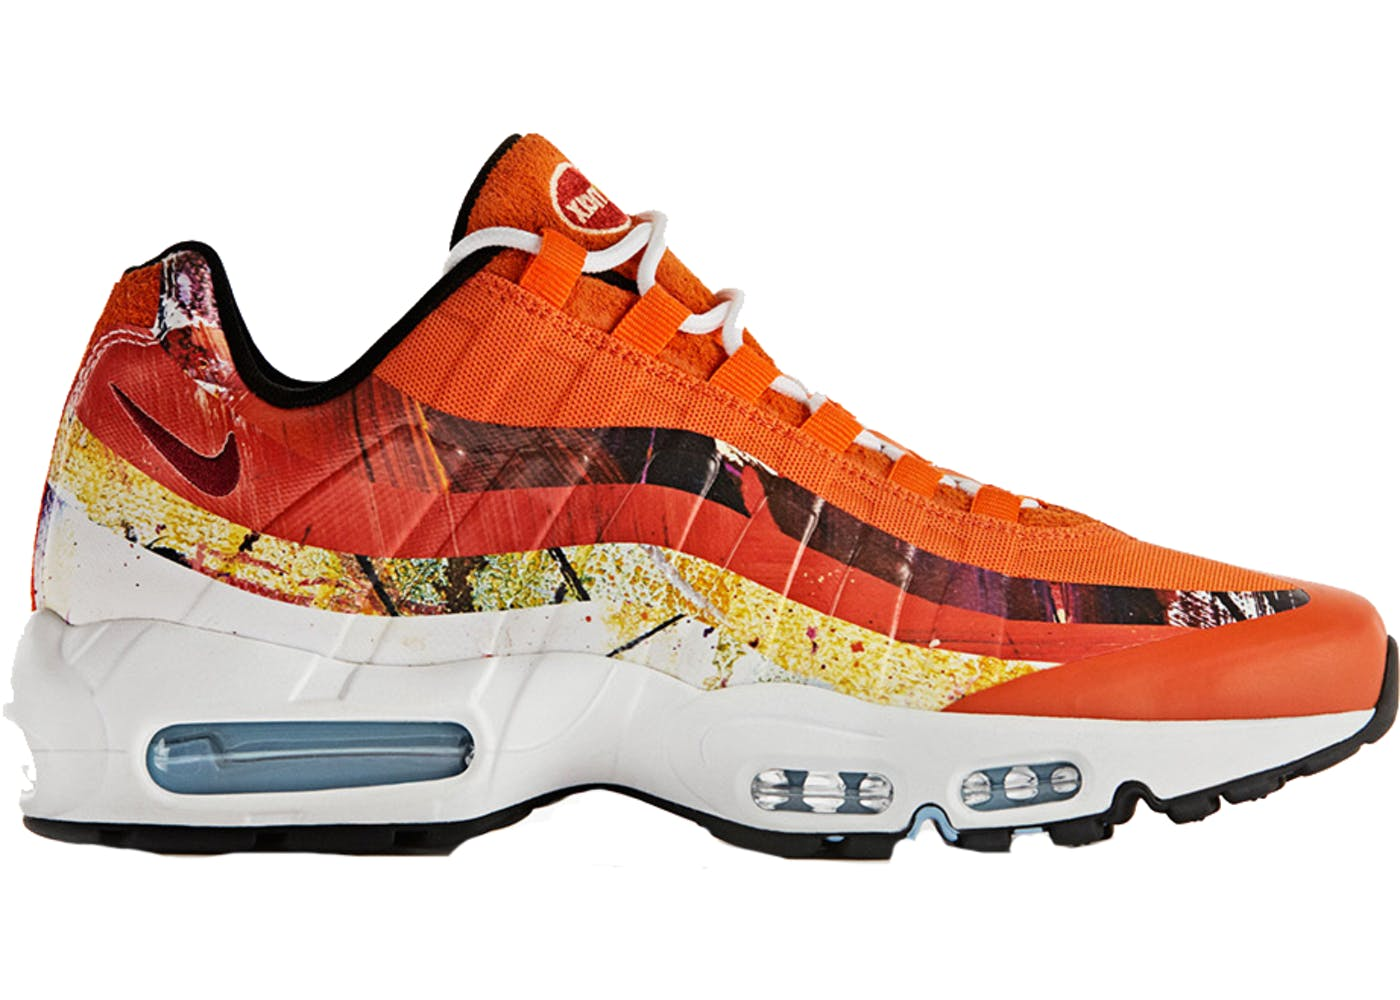 be066e3bb1 Dave White x Nike Air Max 95 Fox & Rabbit - StockX News